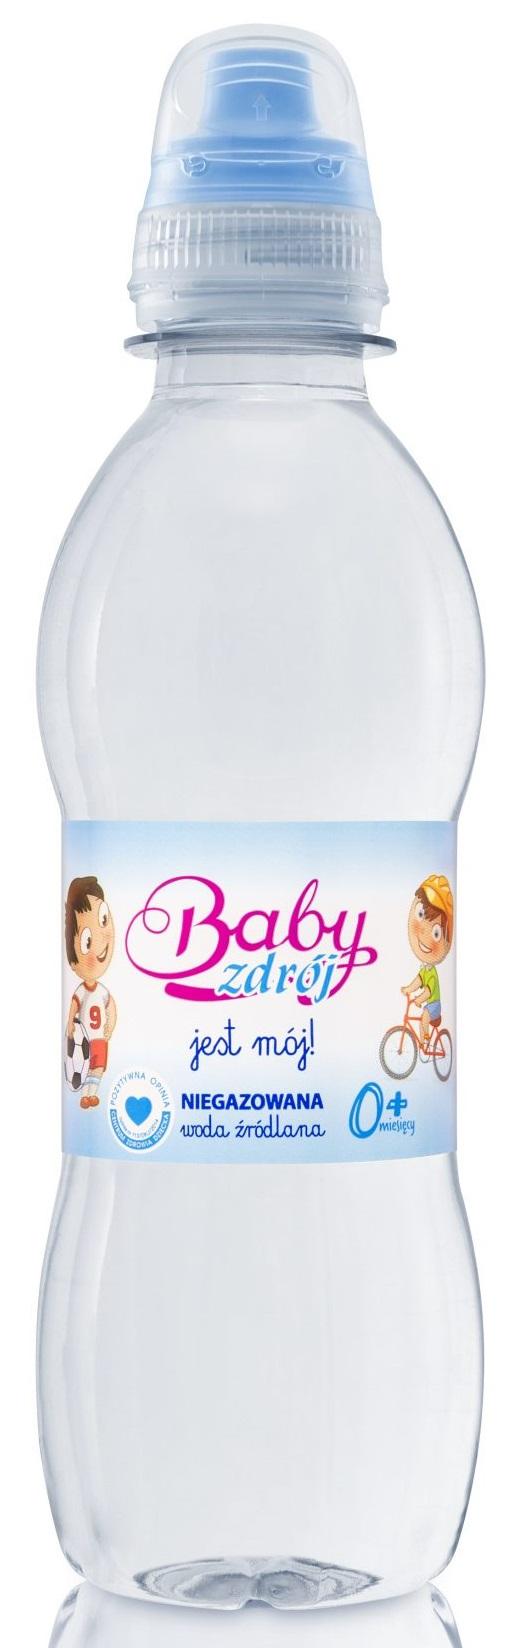 Bébé Spa encore de l'eau pour un garçon